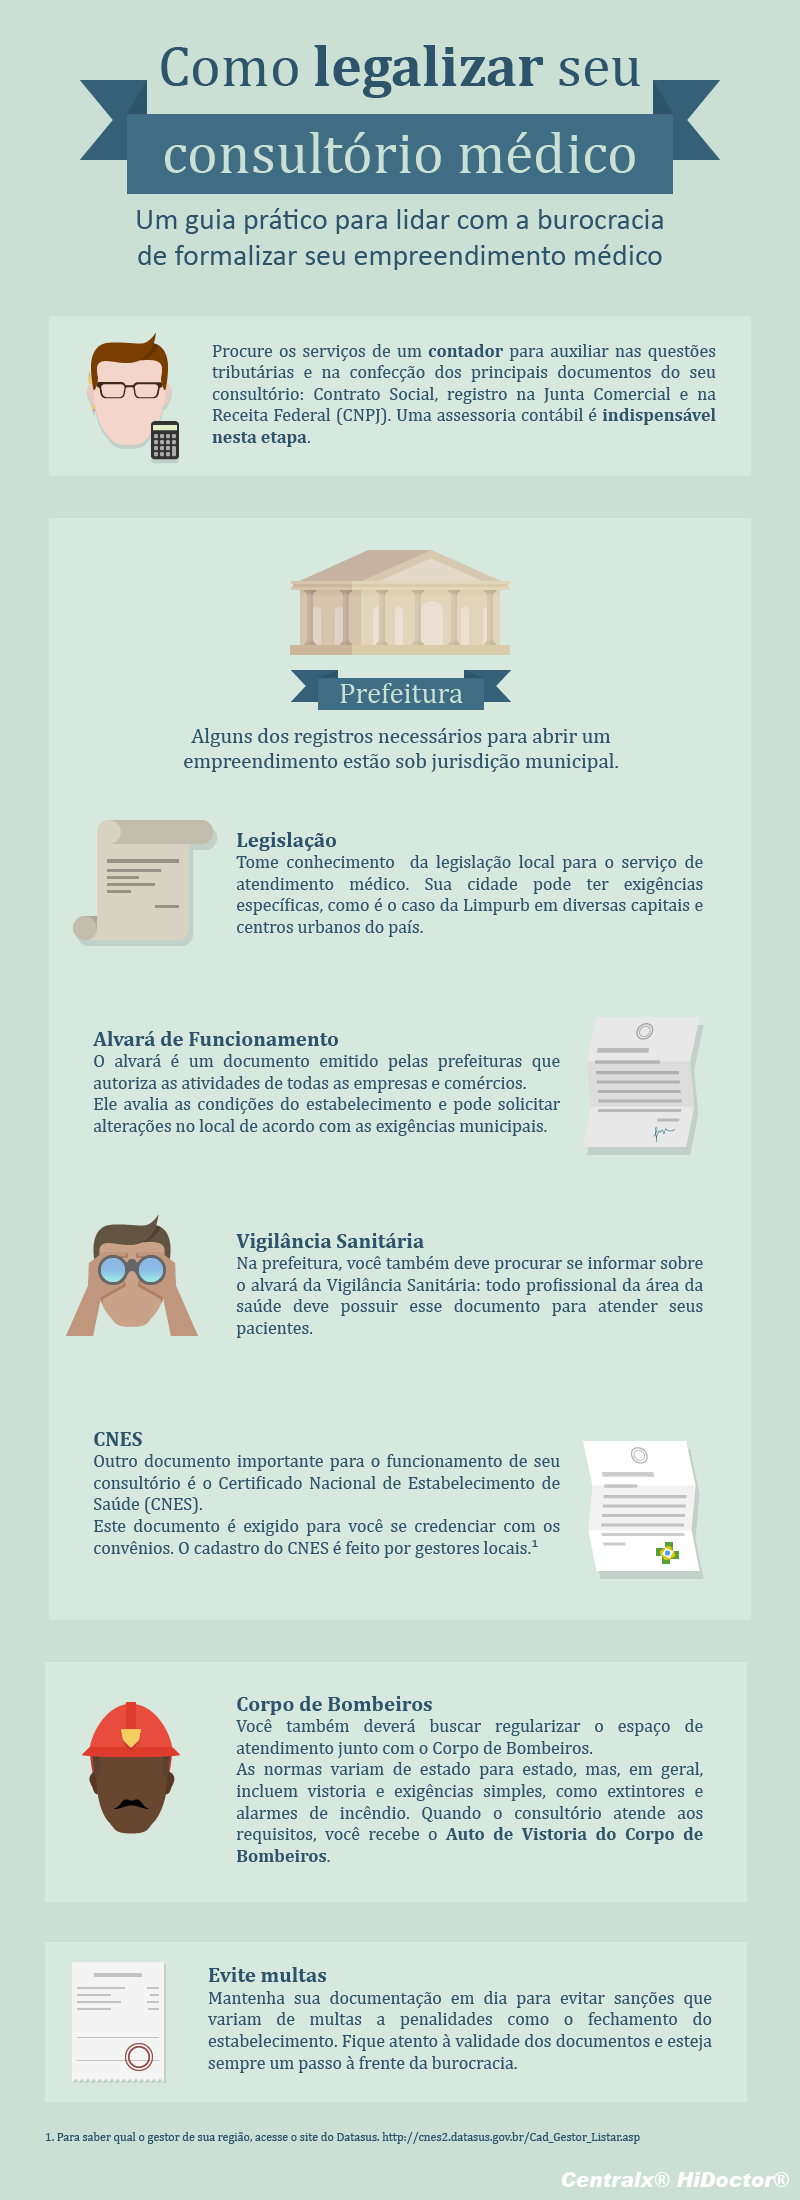 Como legalizar o consultório médico [infográfico]